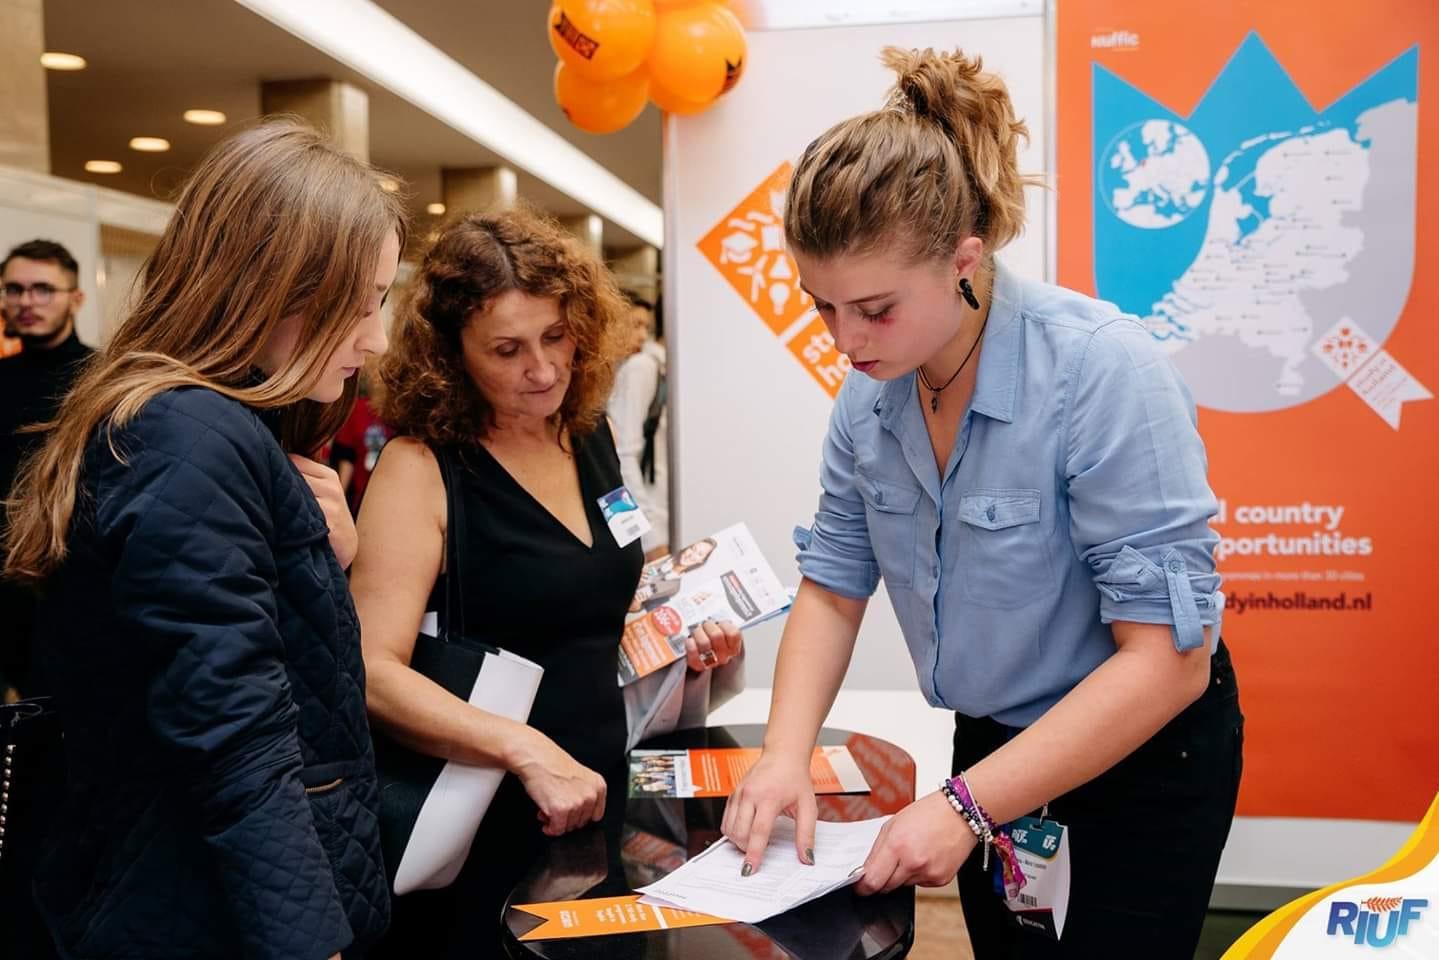 Târgul internațional al universităților RIUF, în luna octombrie la Iași